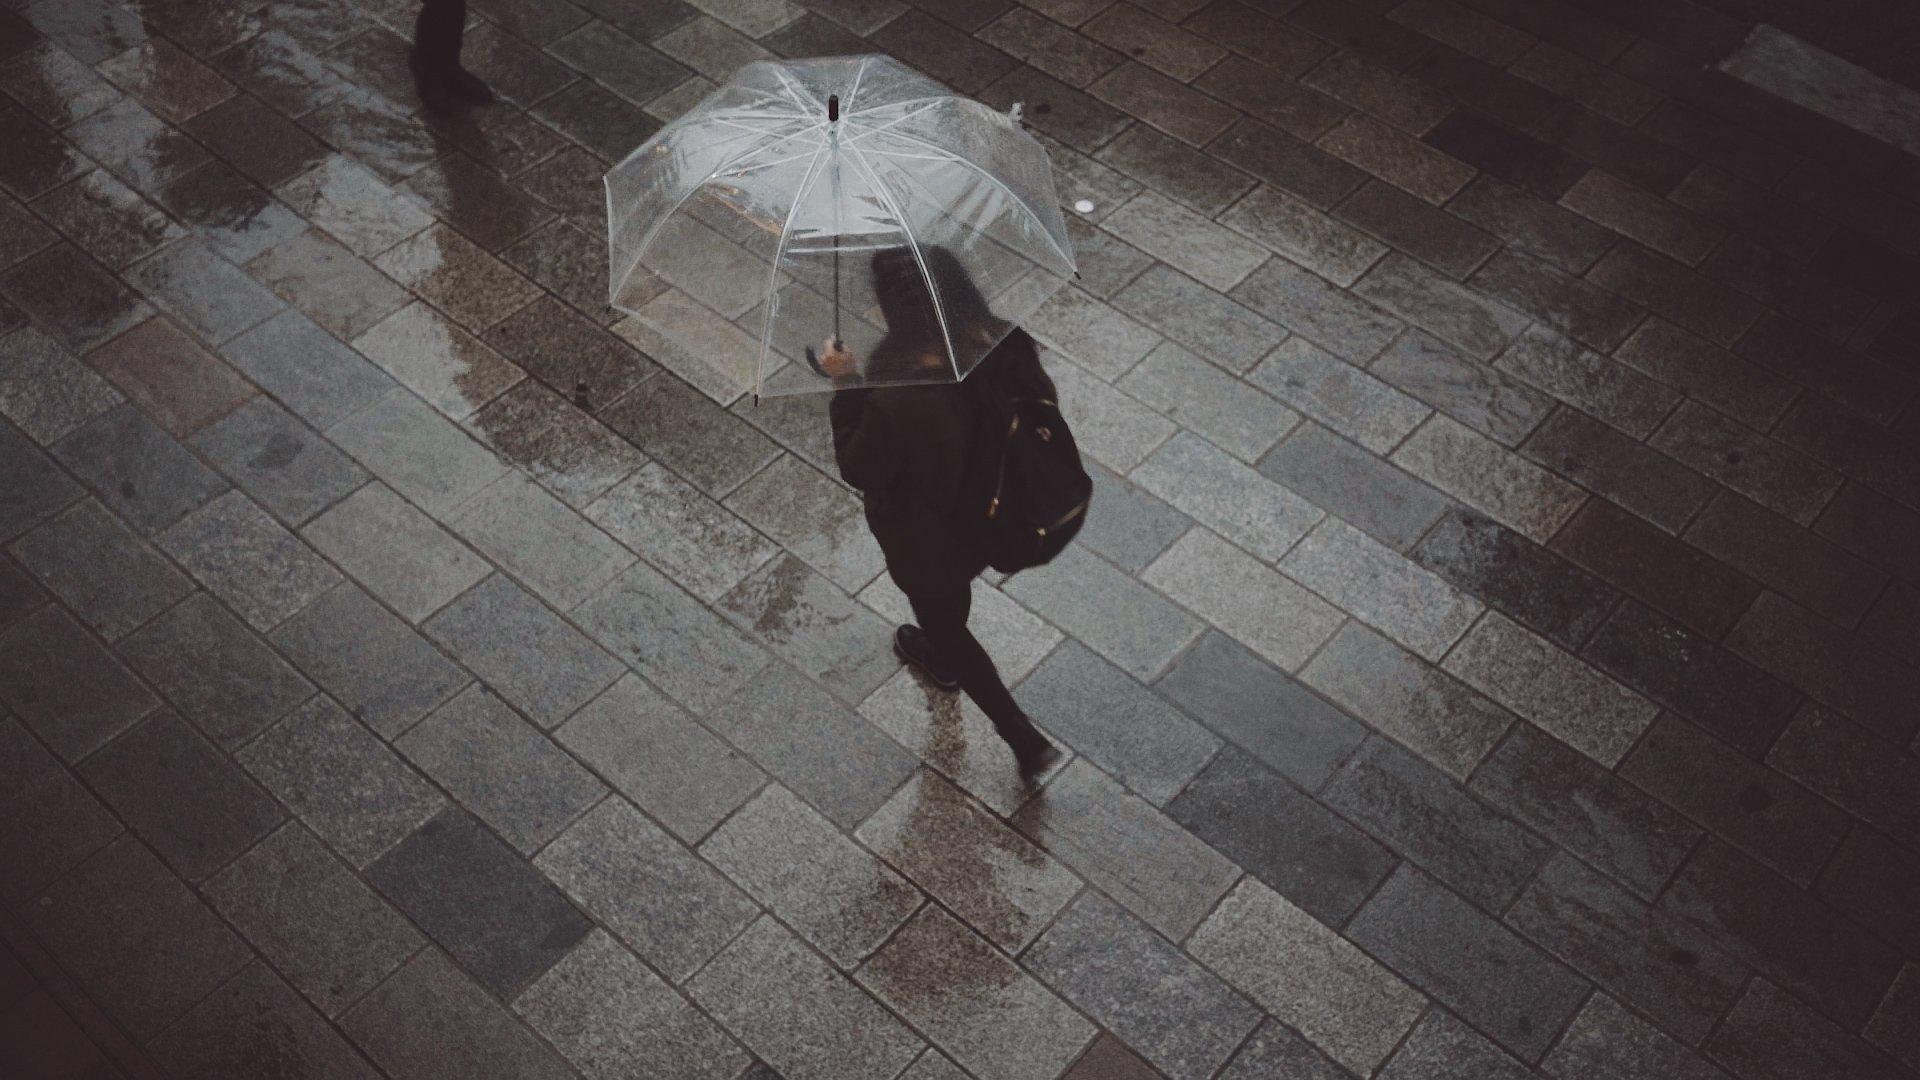 tokyo-rain_v5.00_00_43_19.Still040